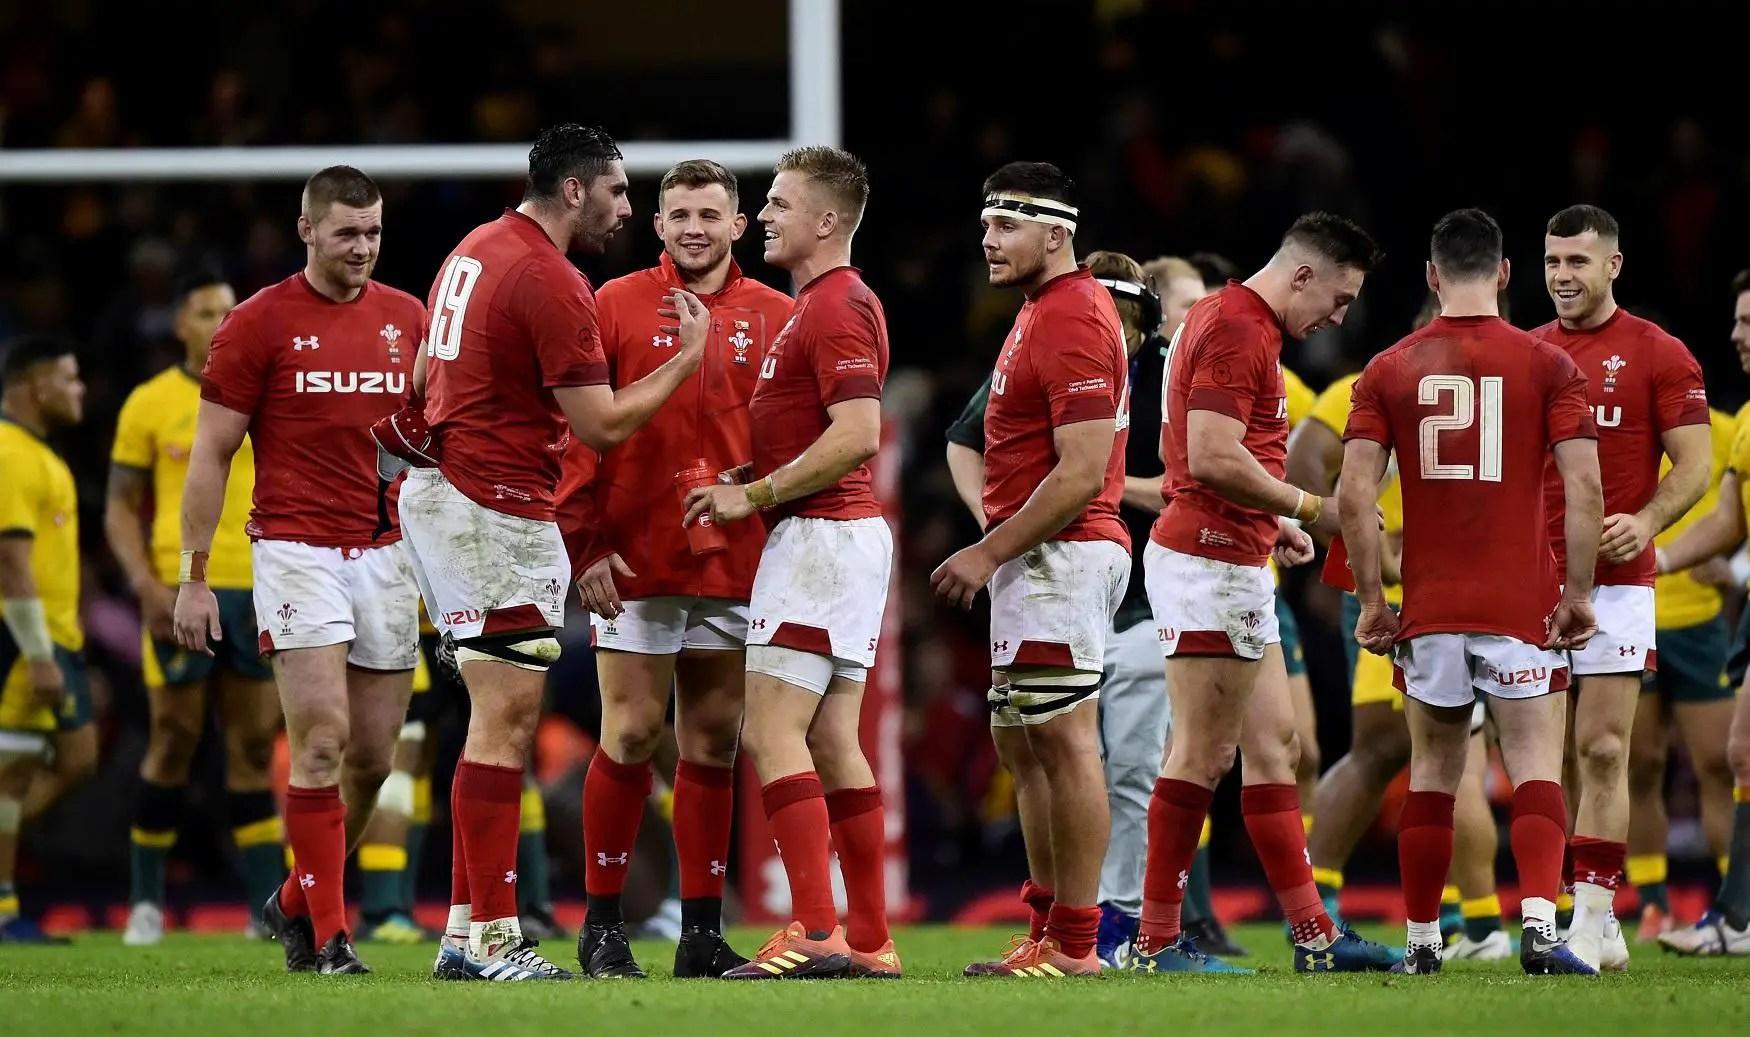 Edwards Backs Wales For World Domination